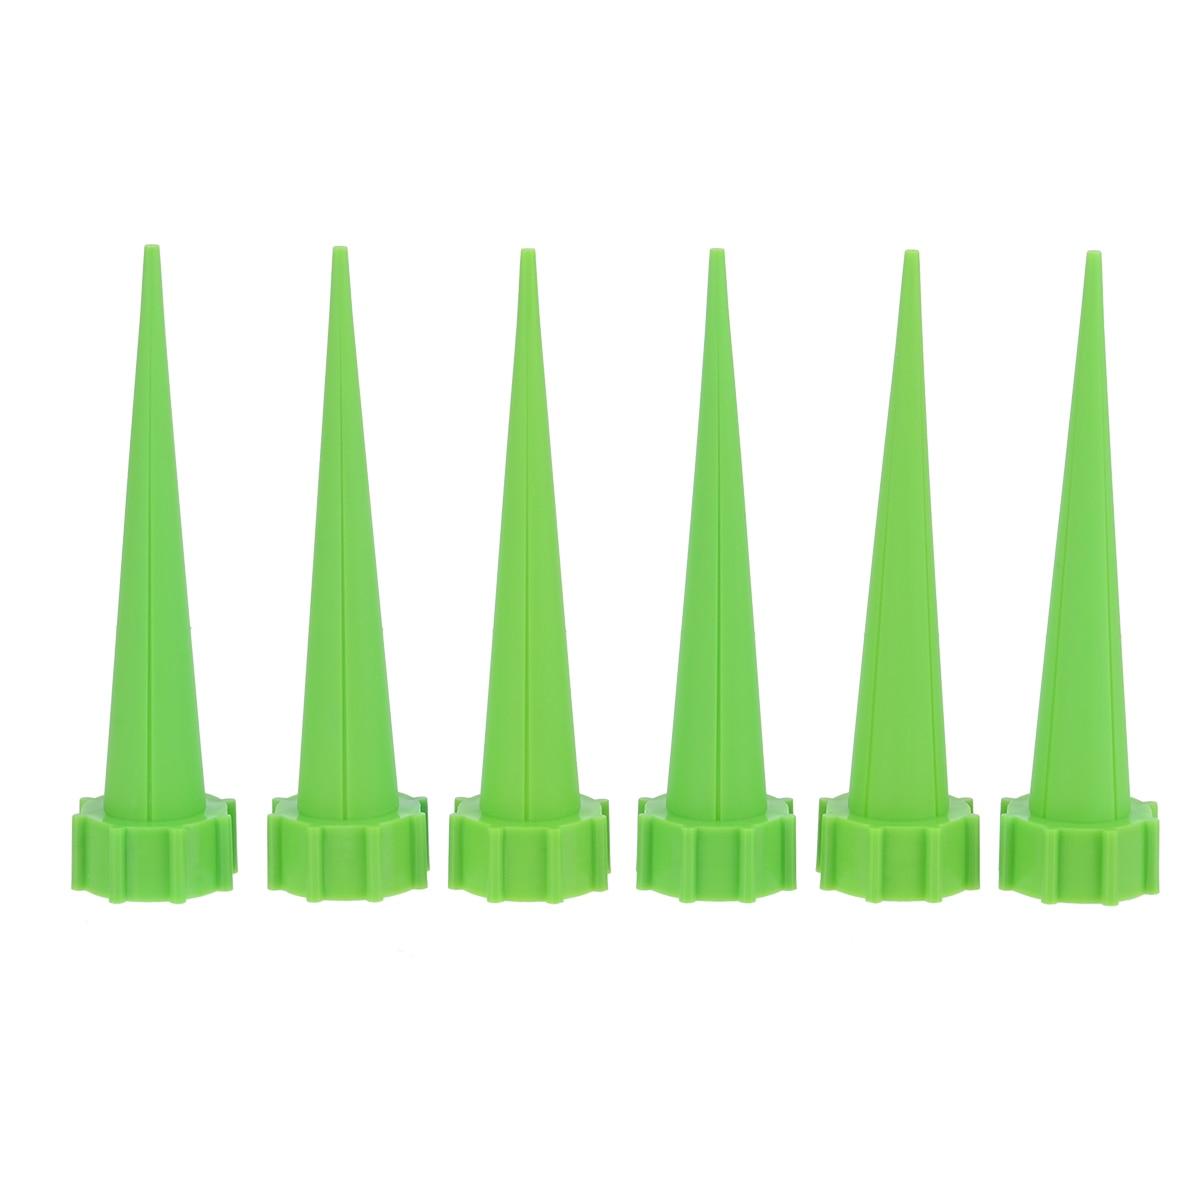 12 Pcs Irrigazione Automatica Irrigazione Spike Pianta Fiore Cono Di Plastica A Goccia Sprinkler Per Il Giardino Bottiglia Di Acqua Sistema Di Irrigazione I Consumatori Prima